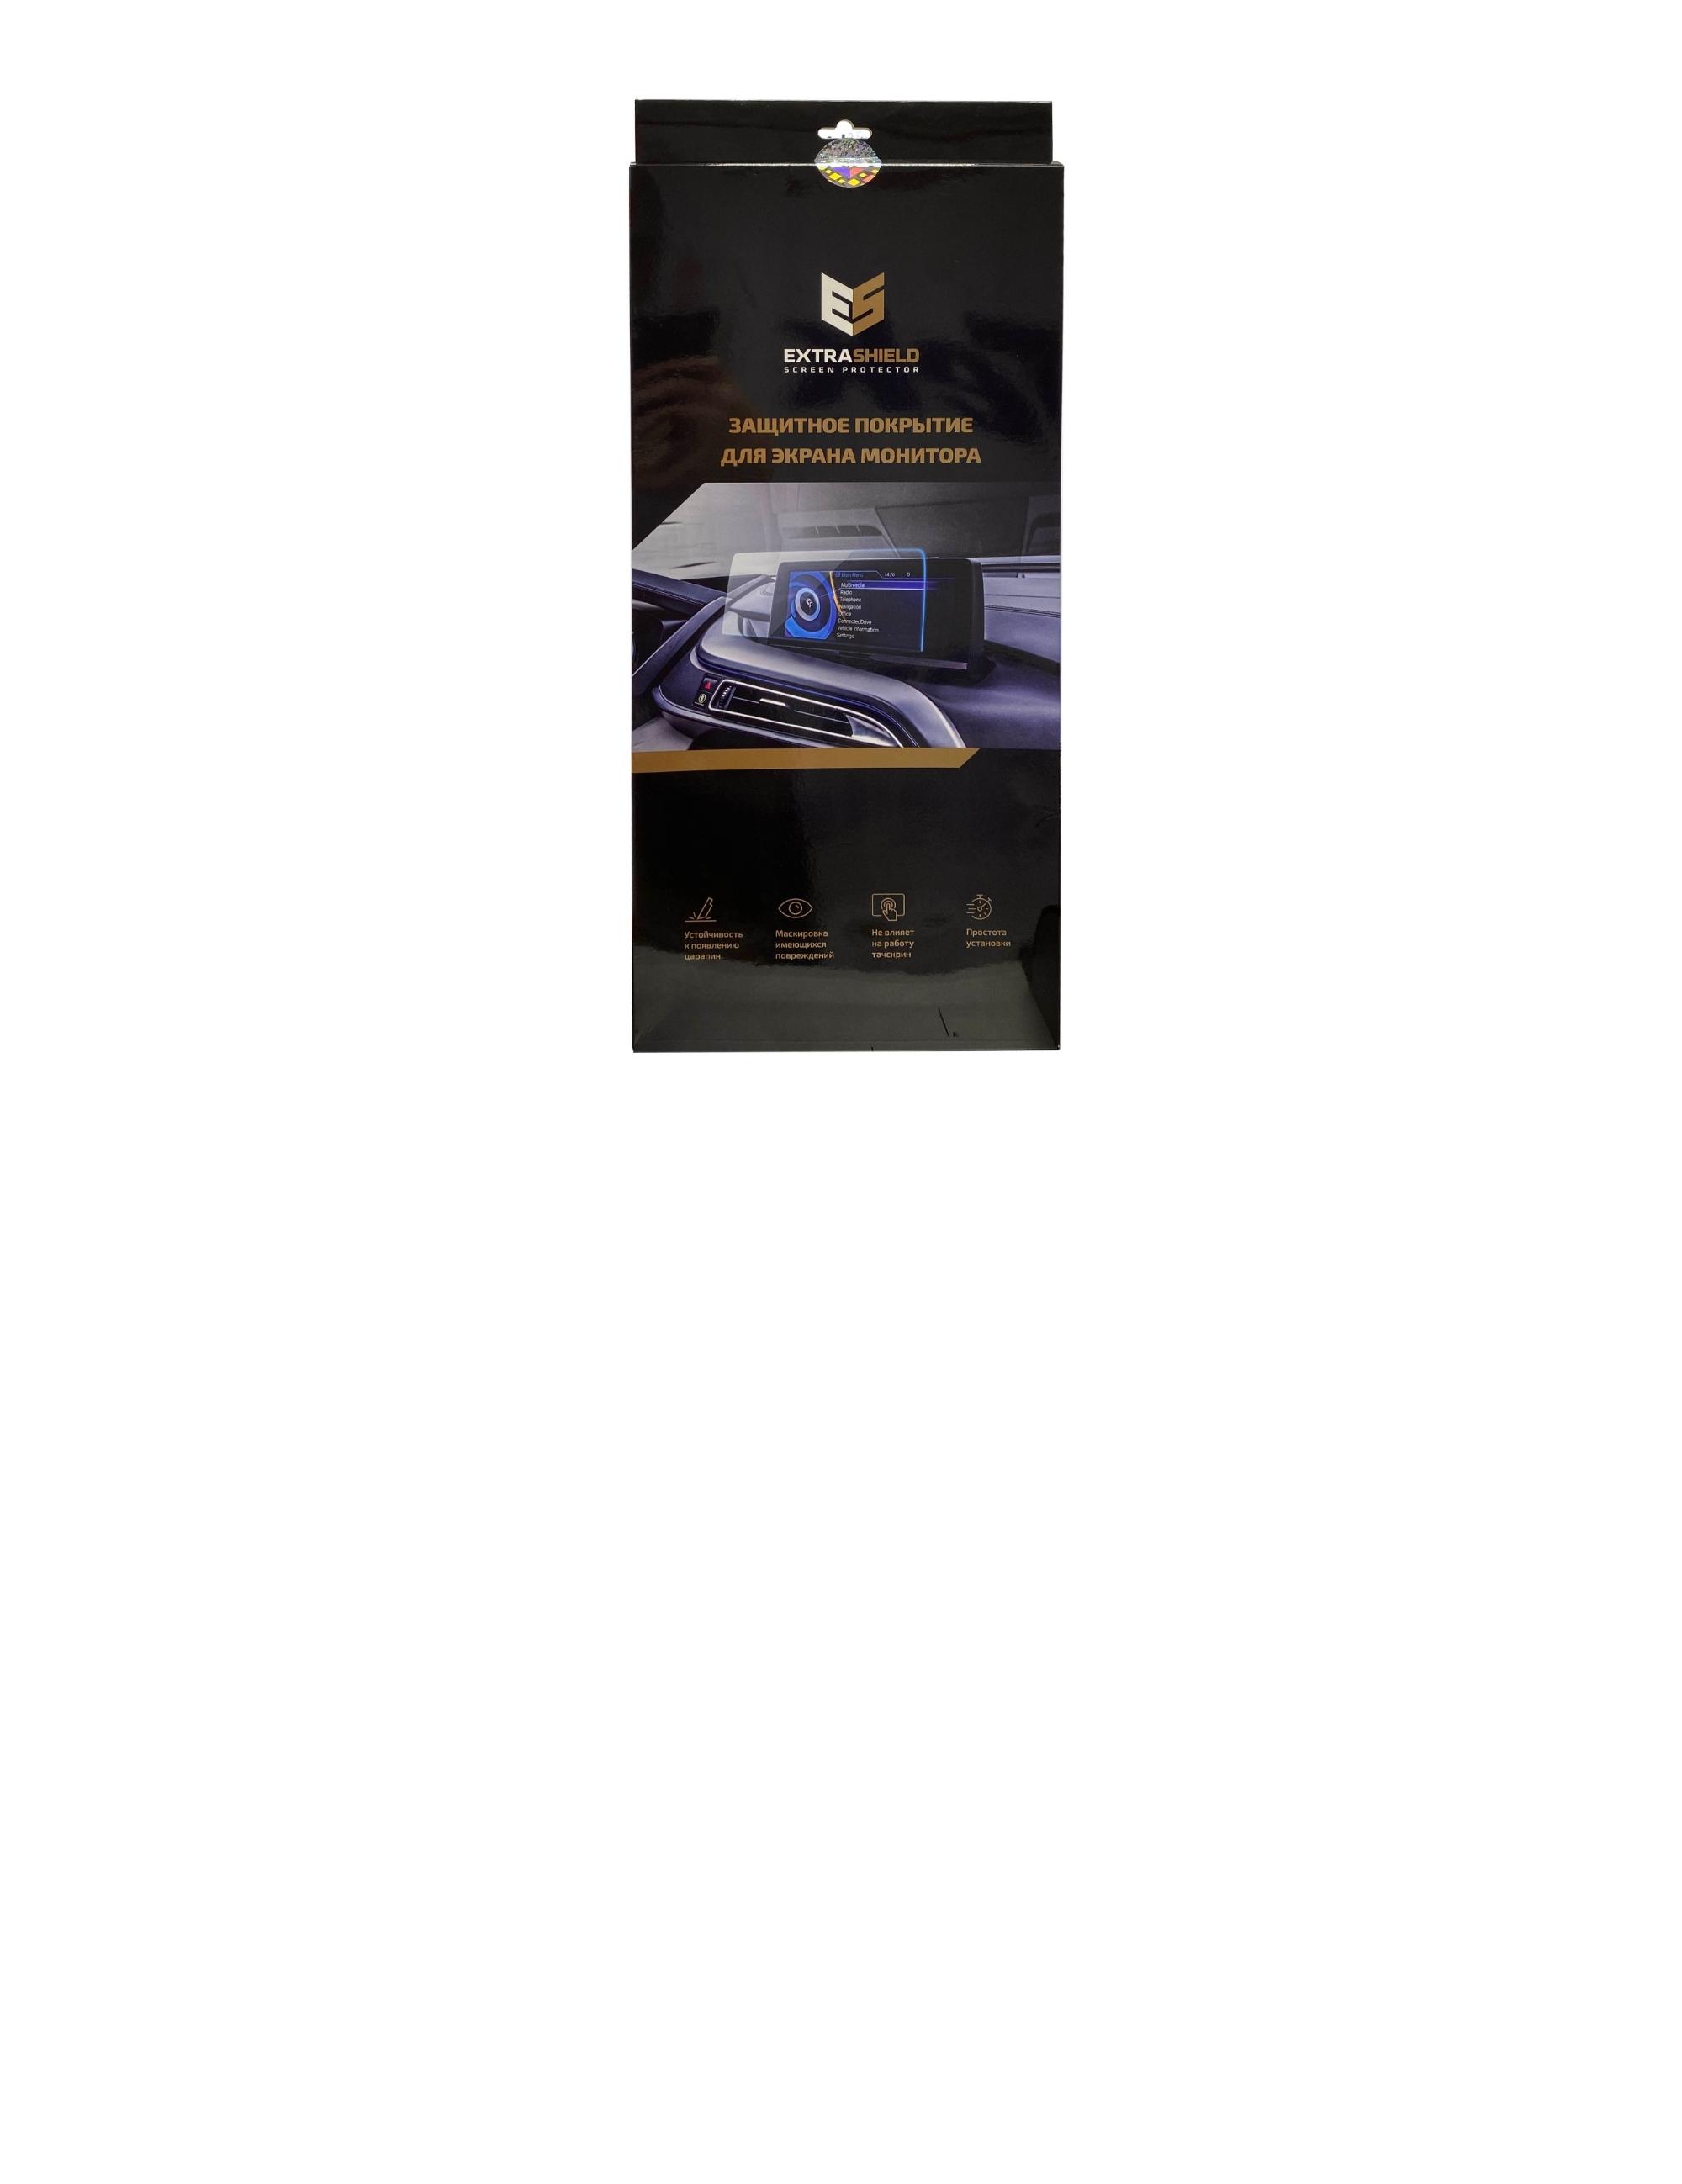 BMW X7 (G07) 2018 - н.в. приборная панель (без датчика) 12.3 Защитное стекло Глянец